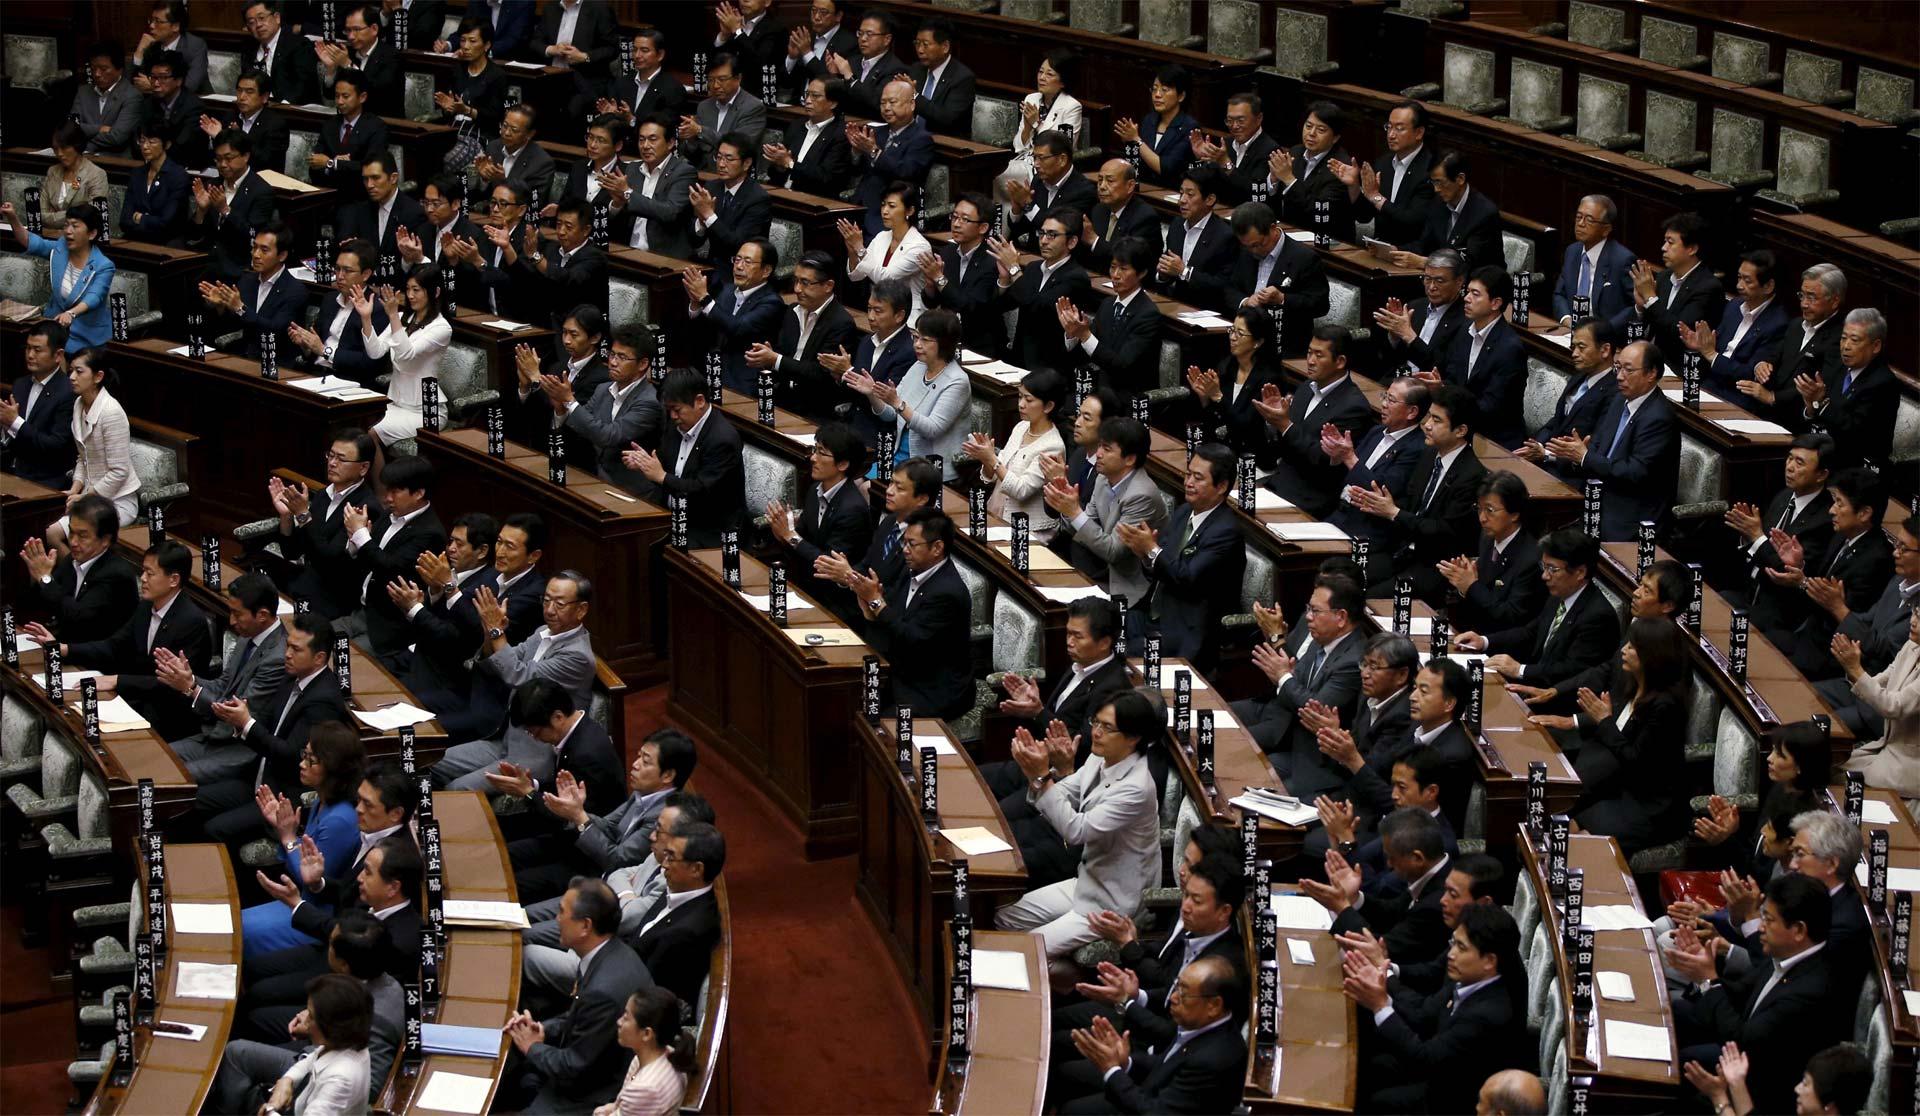 japon podrá asistir militarmente a sus aliados